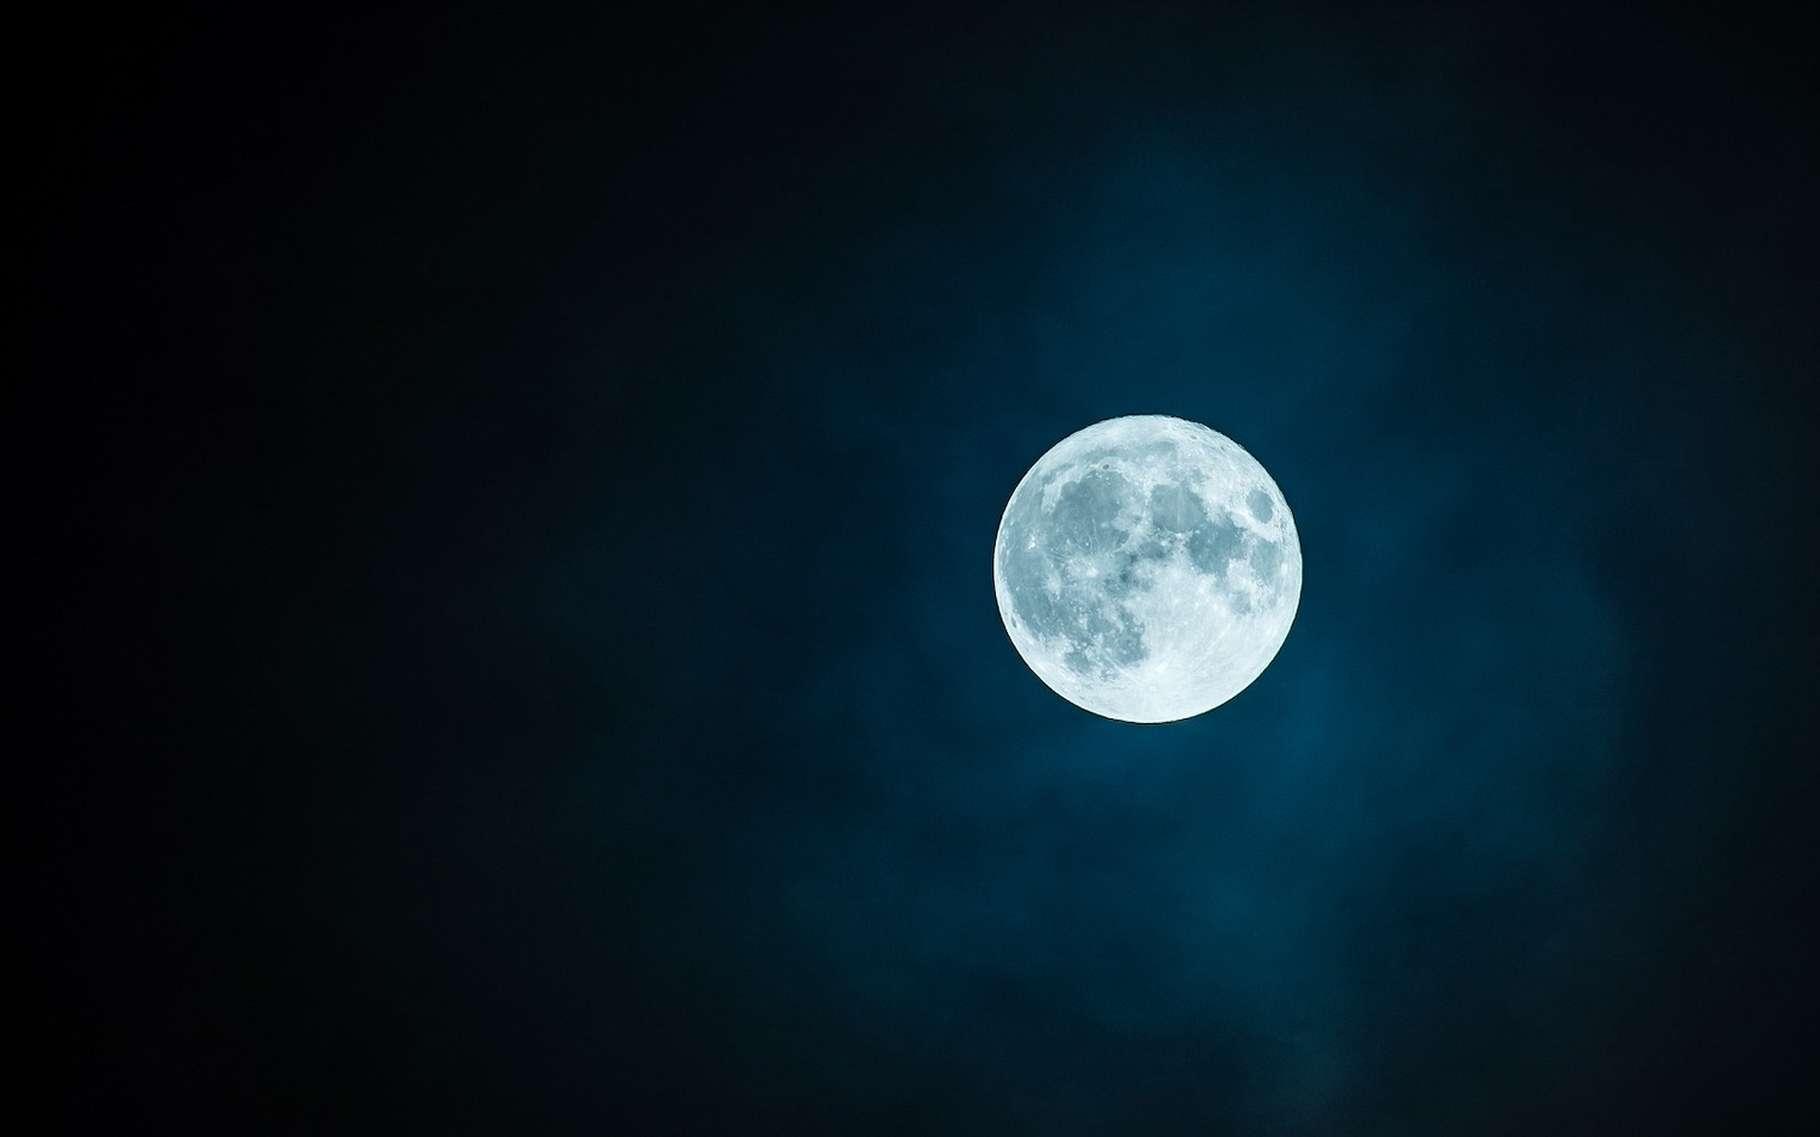 Selon des chercheurs américains, il y aurait au fond des cratères du pôle sud de la Lune, beaucoup plus de glace d'eau qu'on ne le pensait. Mais des chercheurs de la Nasa pensent que celle-ci pourrait être en train de s'échapper. © rkarkowski, Pixabay License